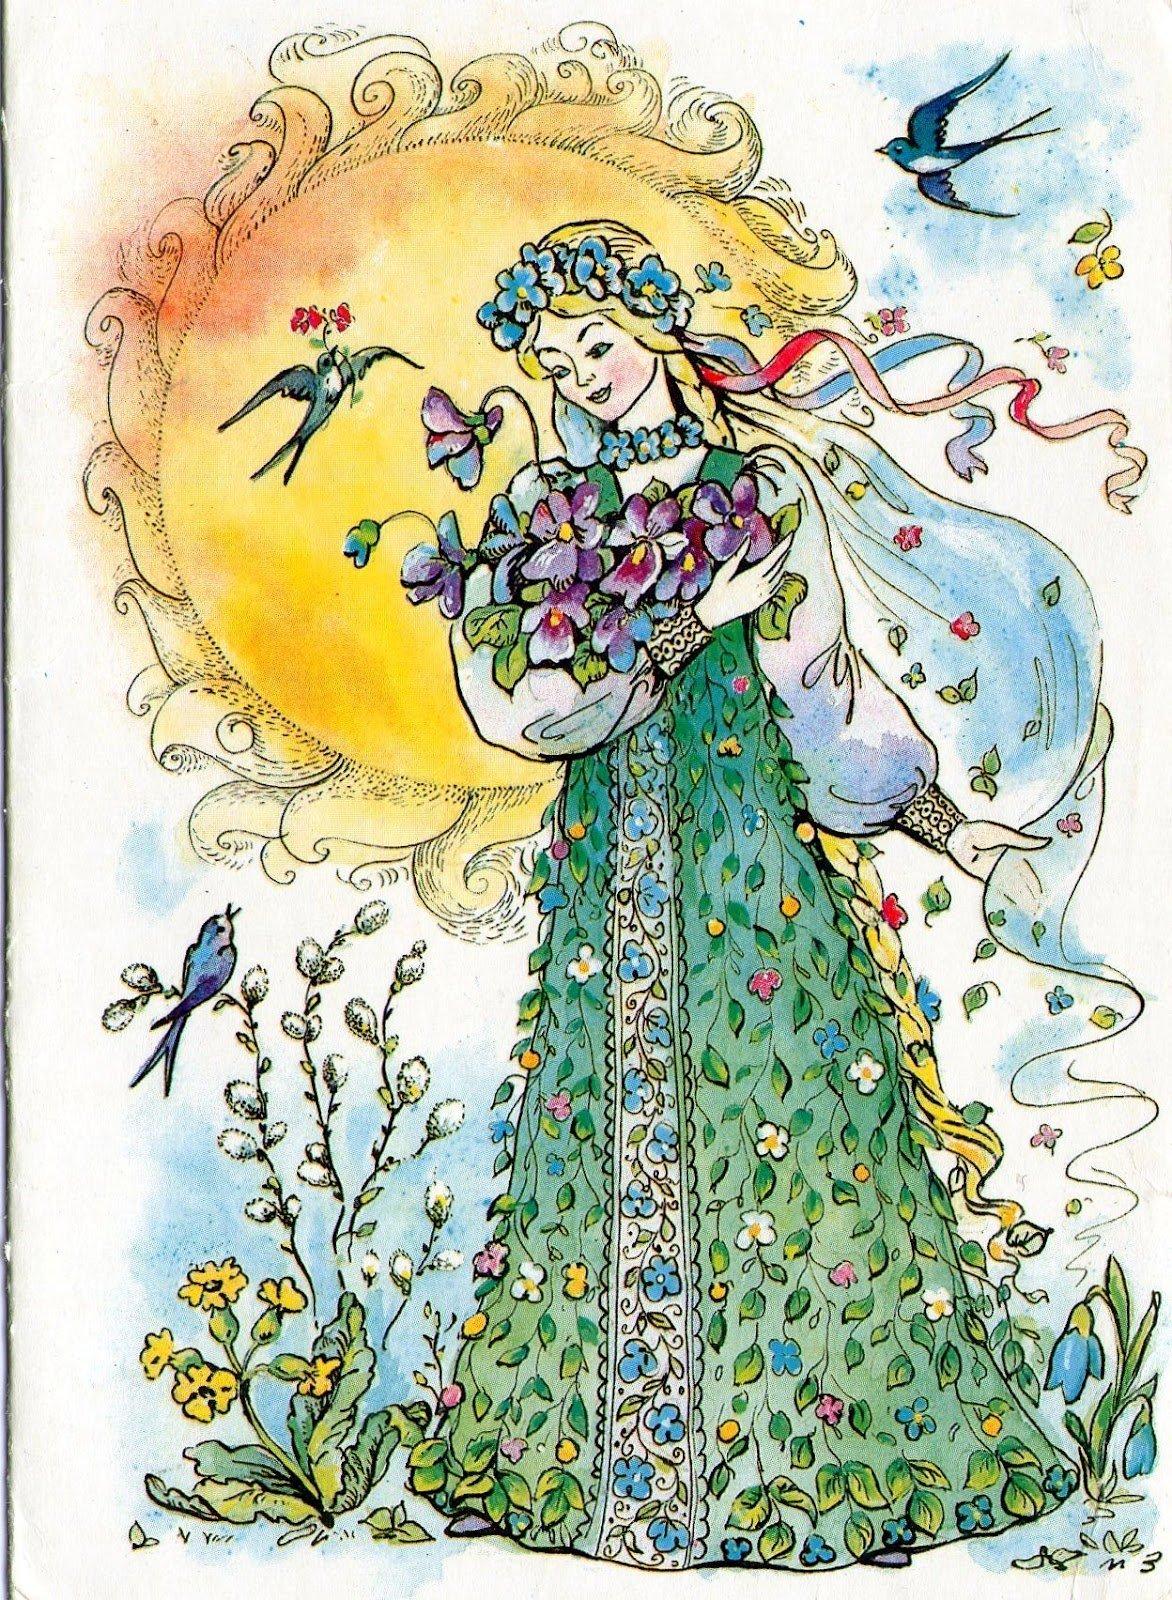 Открытка на 8 марта девушка весна, картинки женитьбе